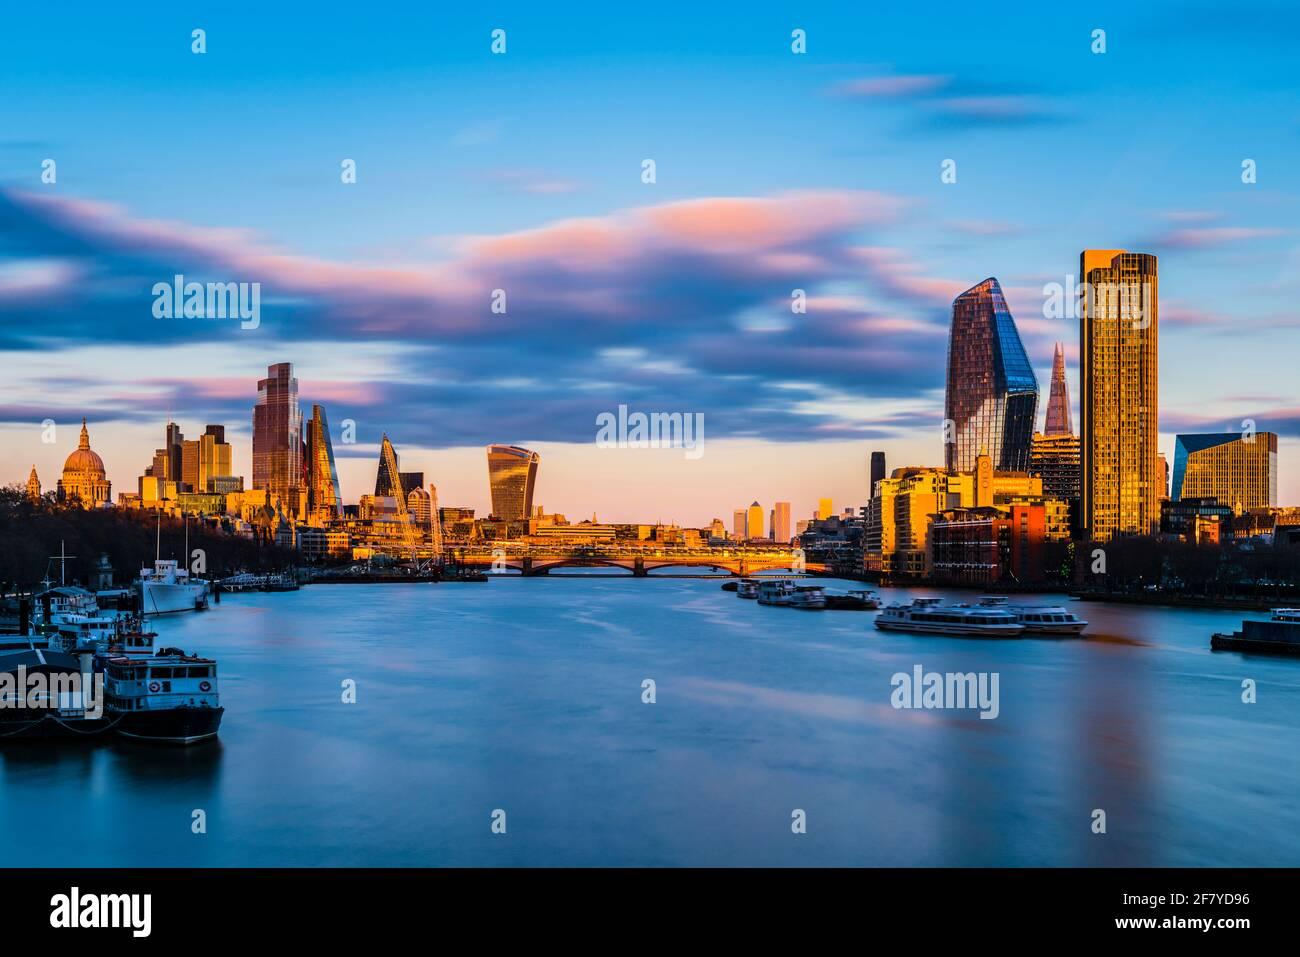 Vista al atardecer sobre la ciudad de Londres y el puente Blackfriars, Londres, Reino Unido Foto de stock